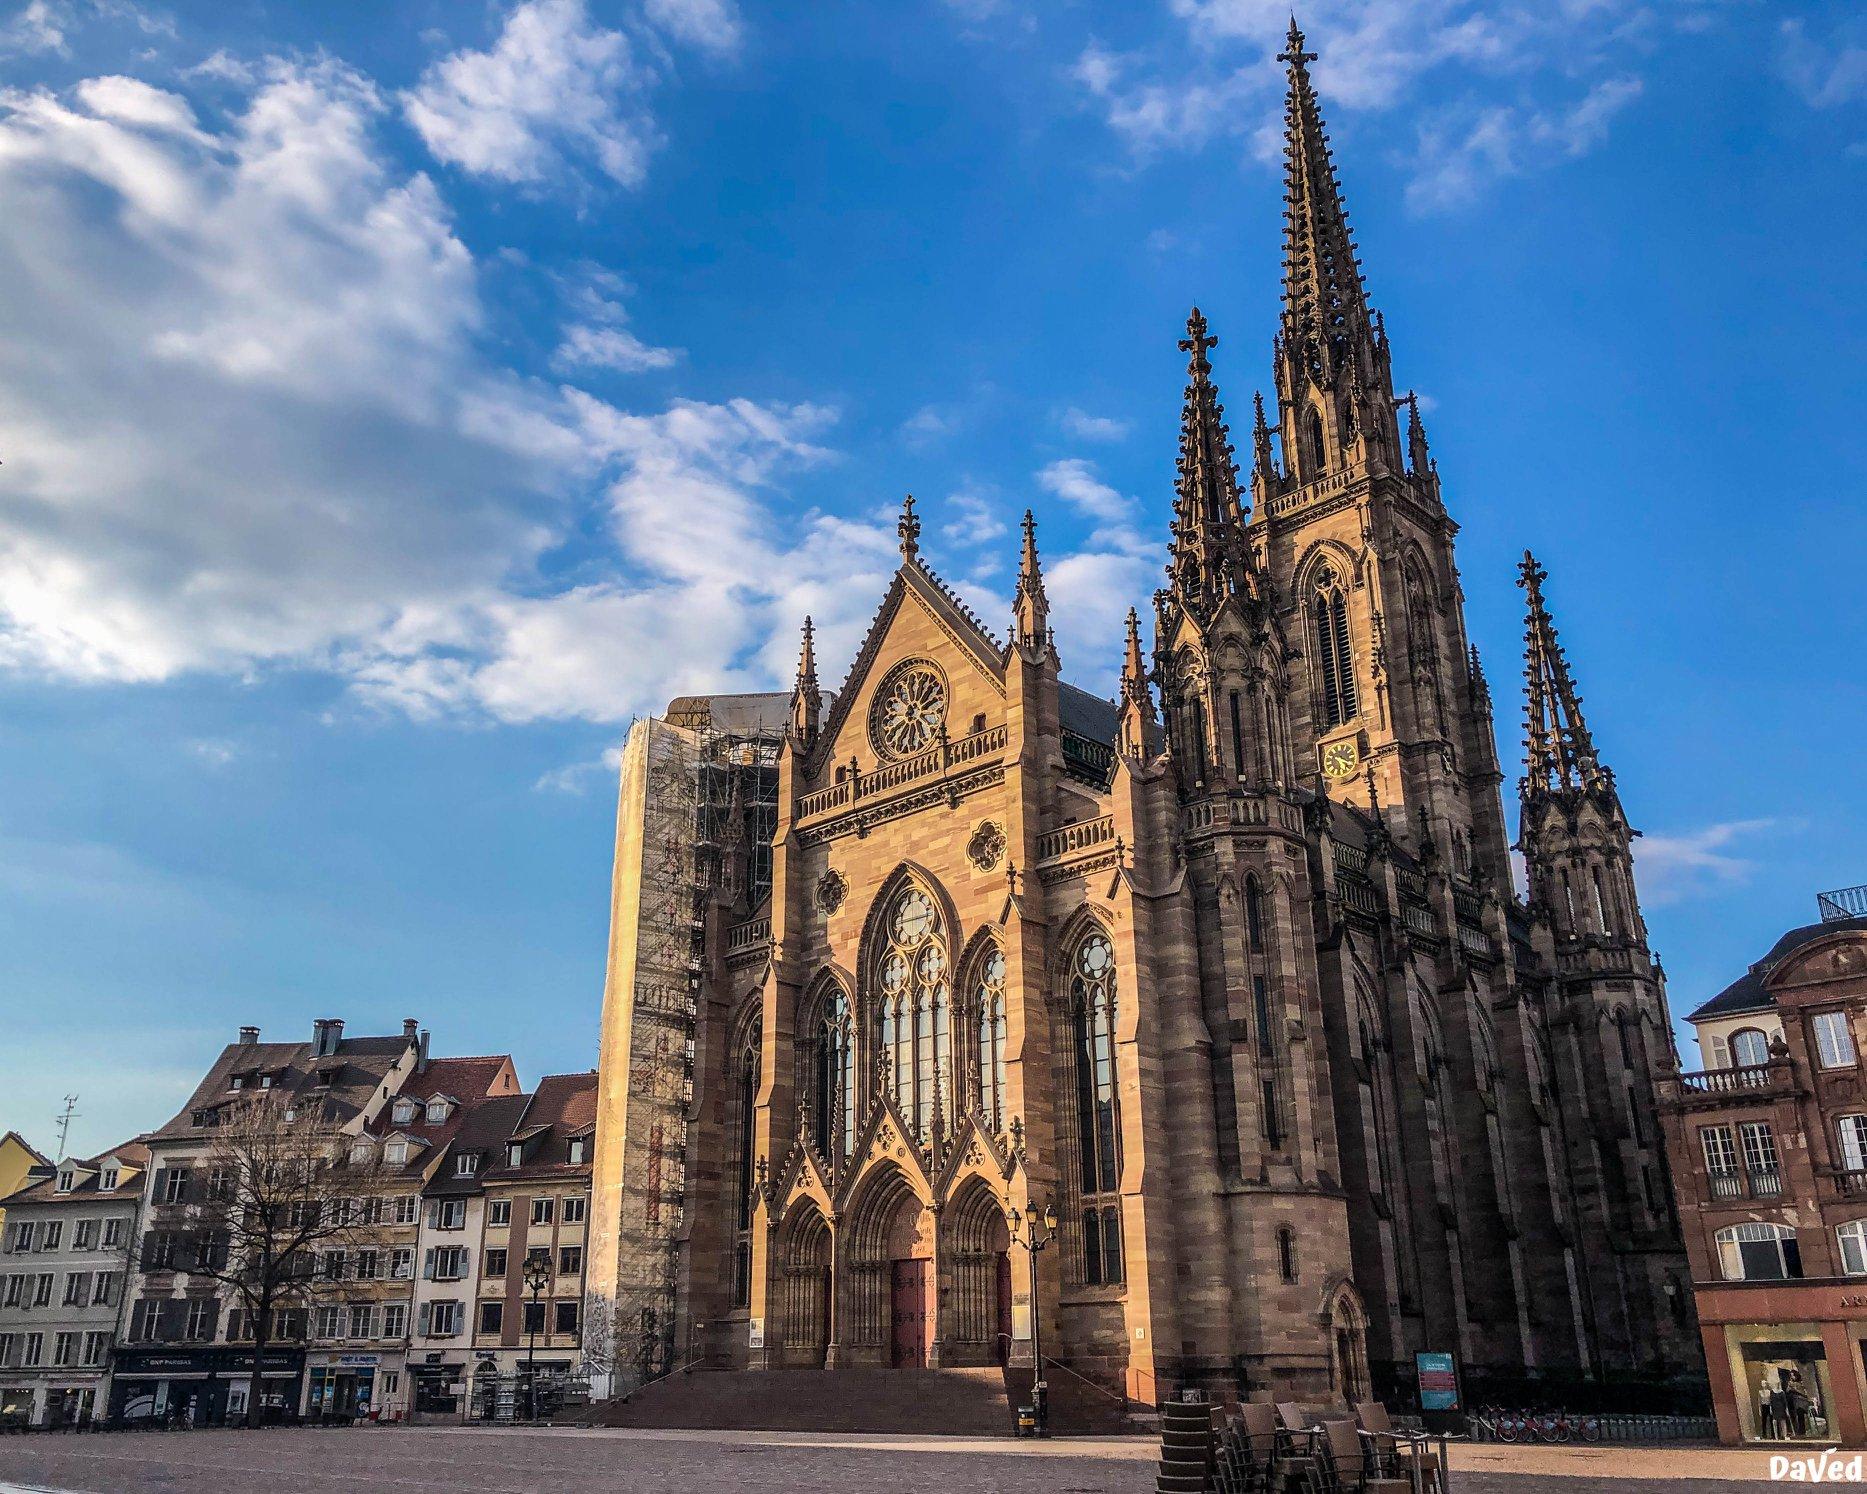 Le temple Saint-Etienne, édifice protestant le plus haut de France, érigé au milieu du 19e siècle sur la Place de la Réunion. • © David Ball, DaVed